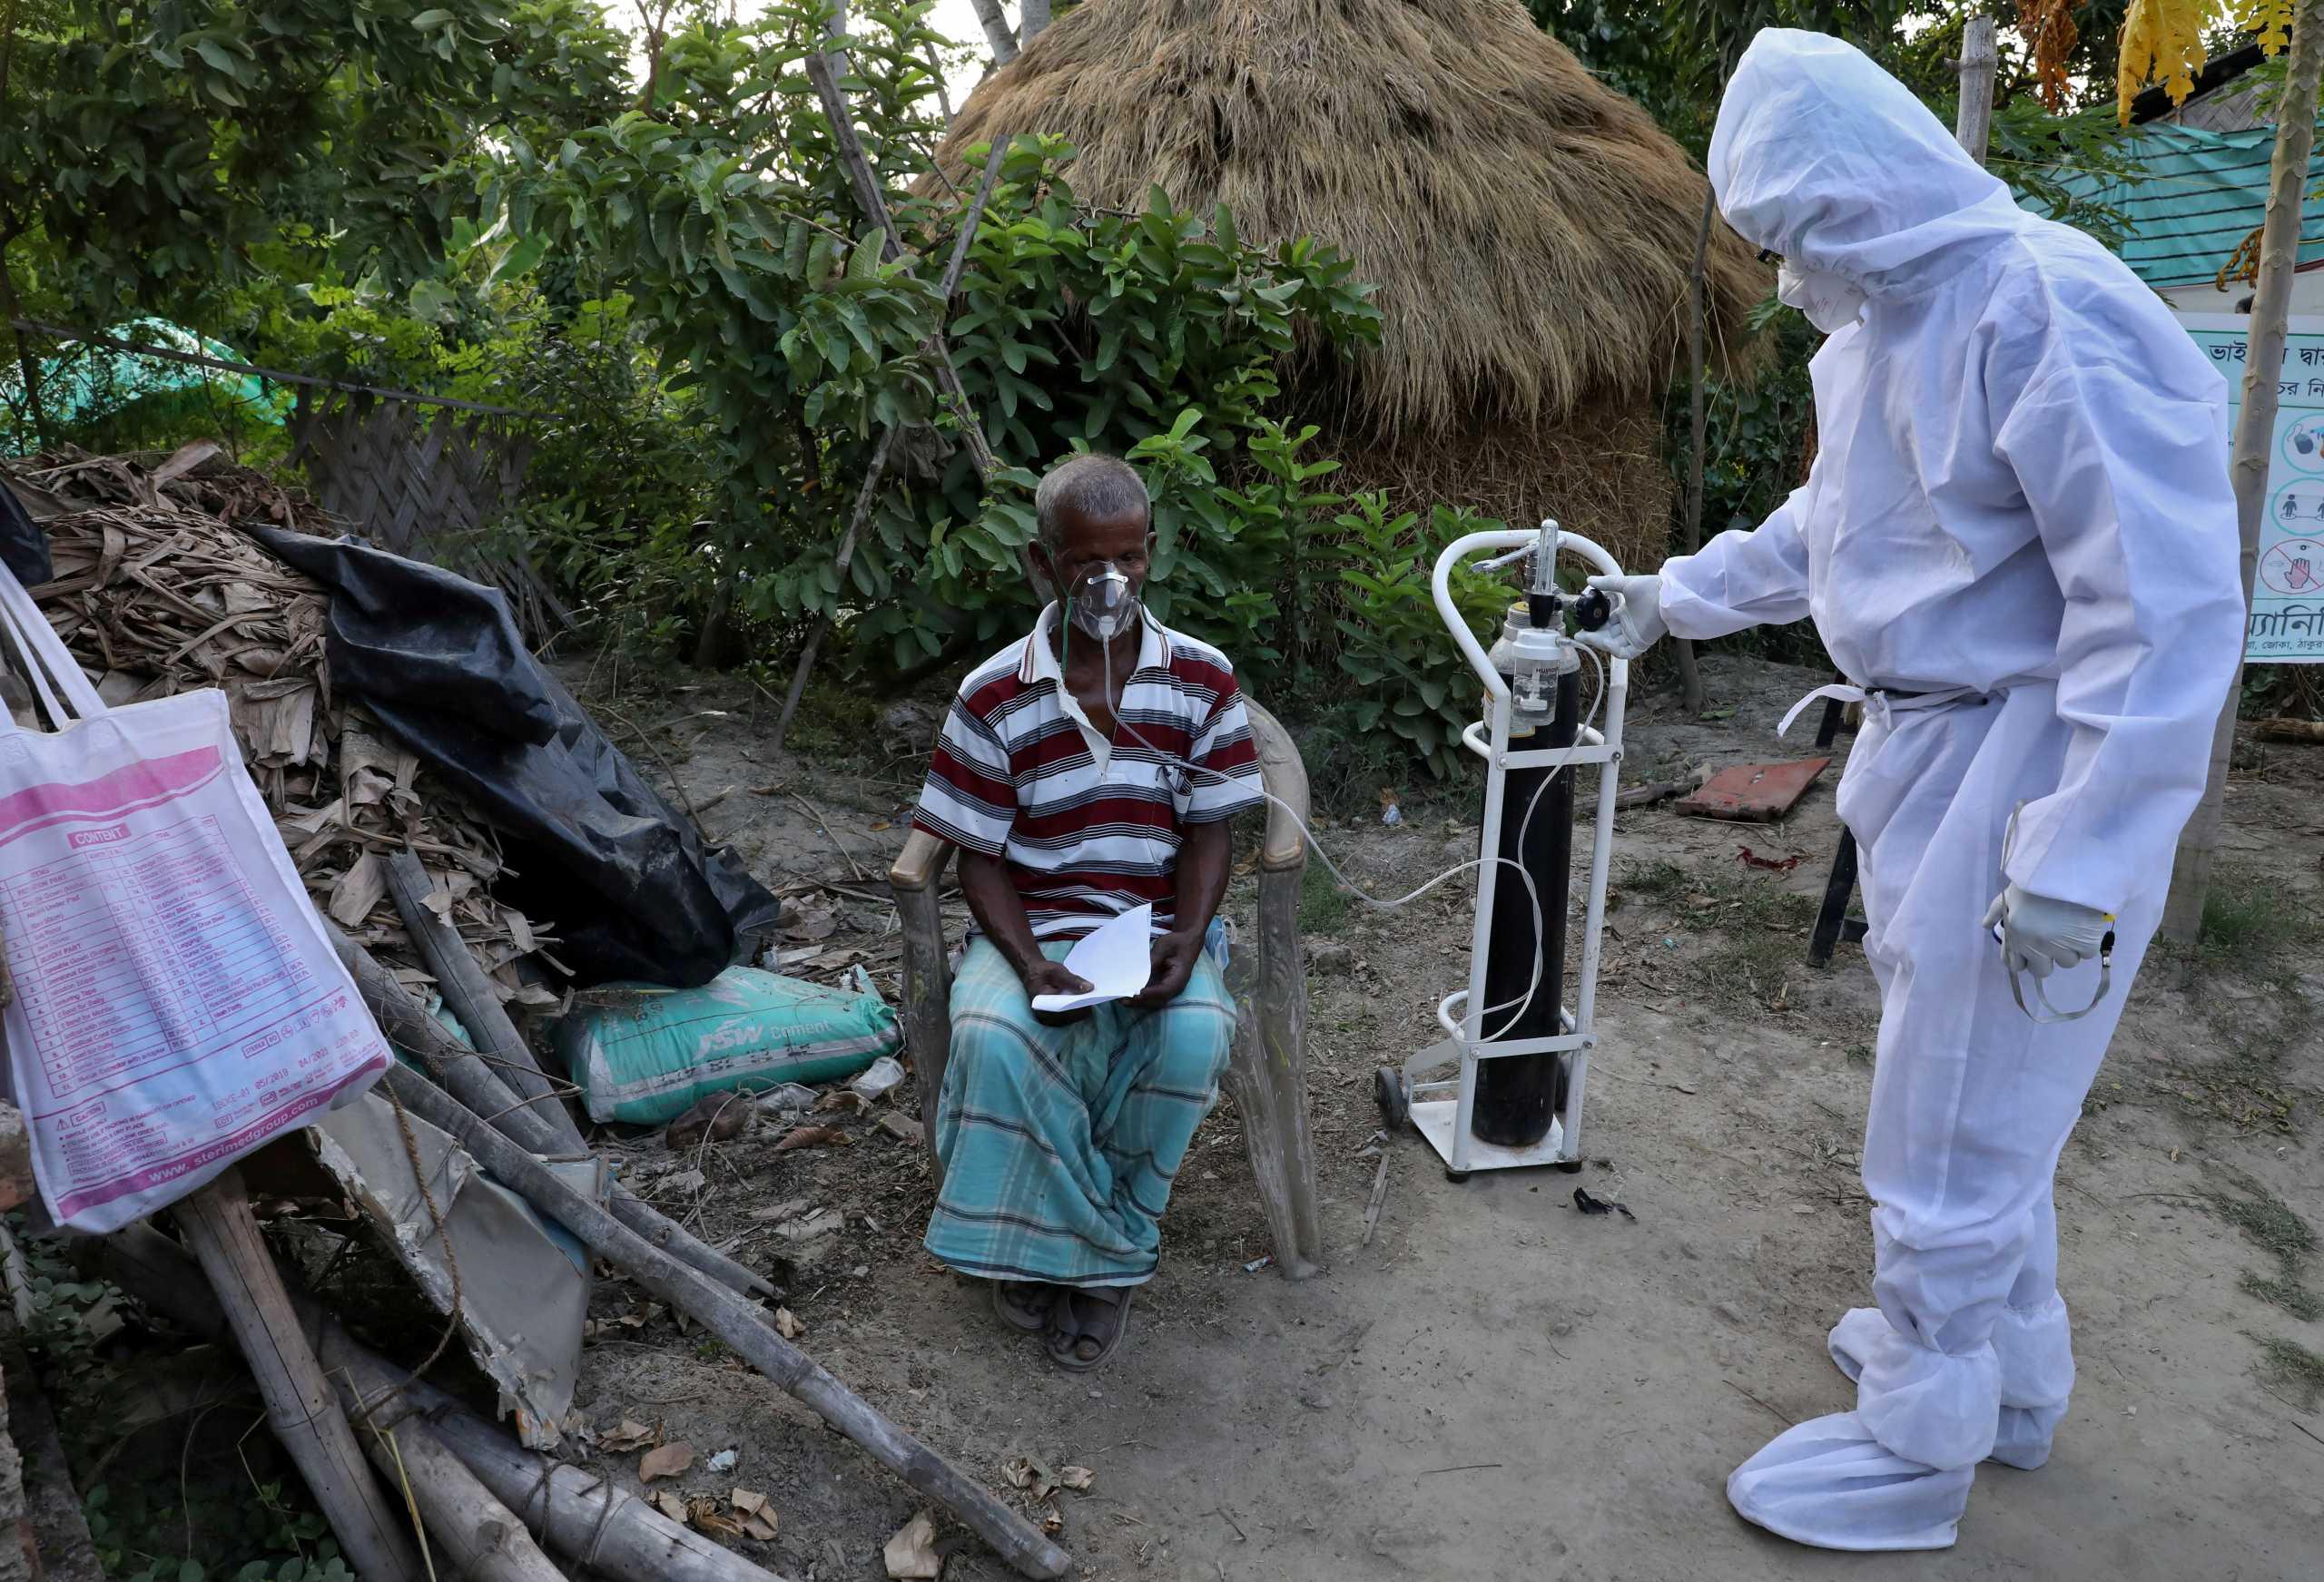 Ινδία: Πάνω από 31.000 κρούσματα κορονοϊού το τελευταίο 24ωρο